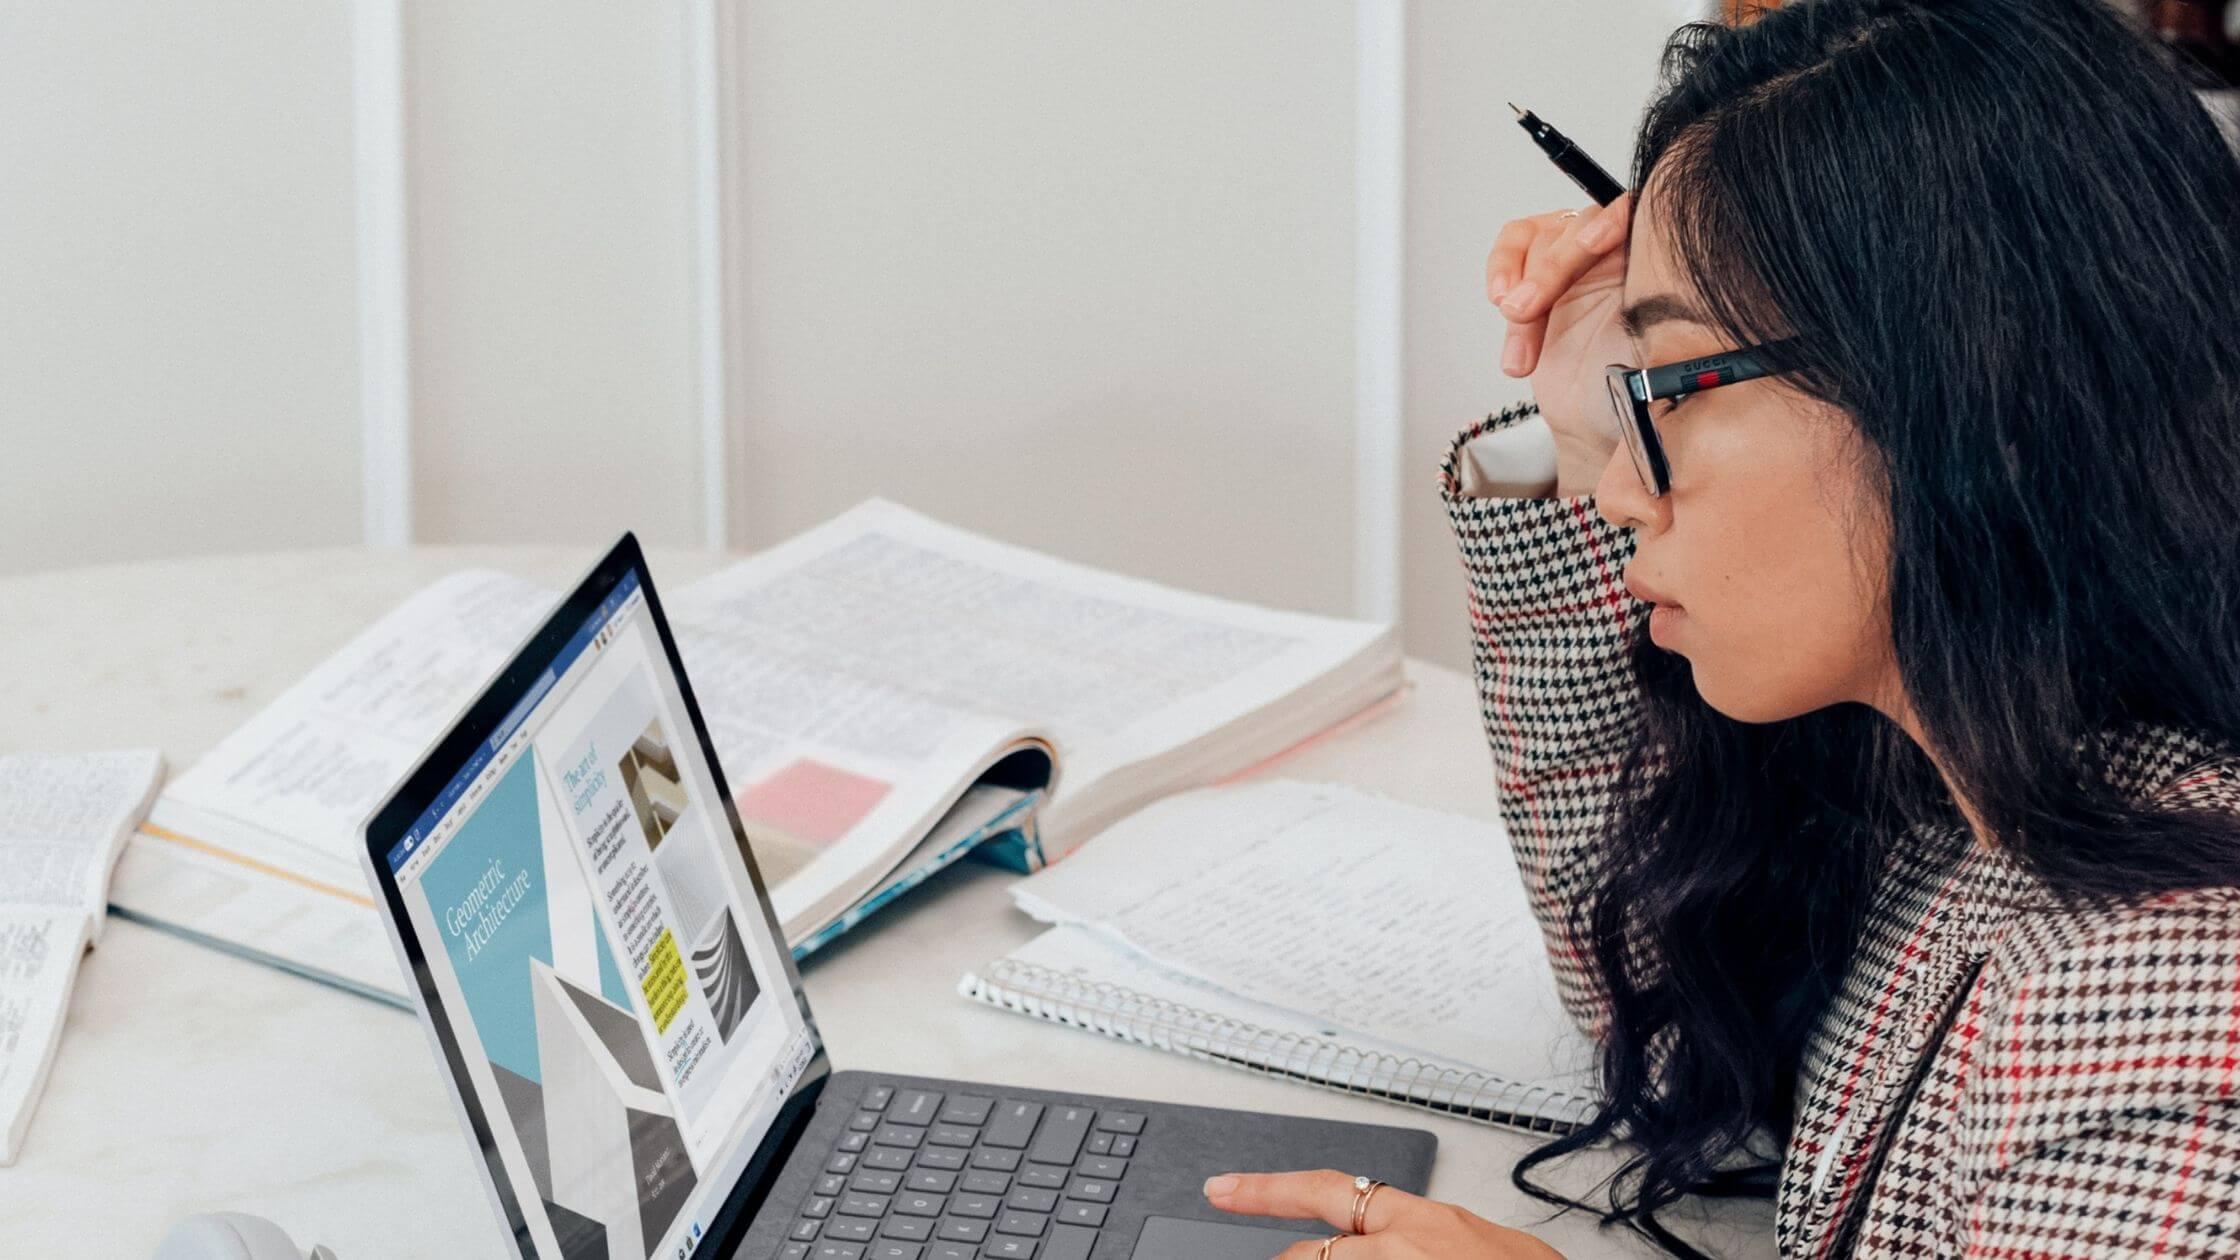 Best Laptops for Freelance Writers